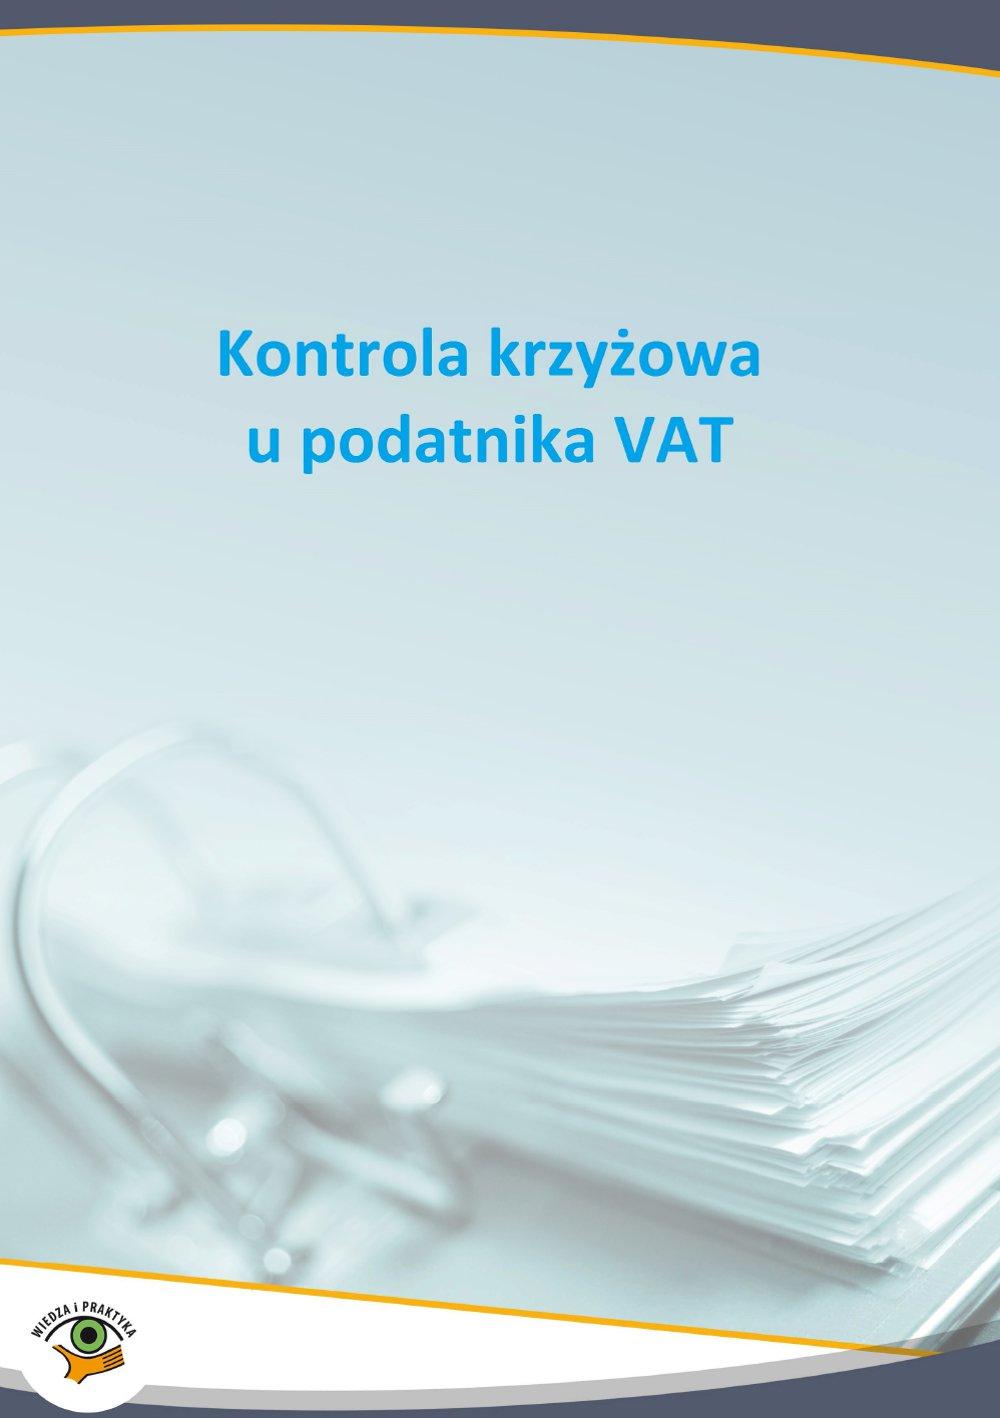 Kontrola krzyżowa u podatnika VAT - Ebook (Książka PDF) do pobrania w formacie PDF